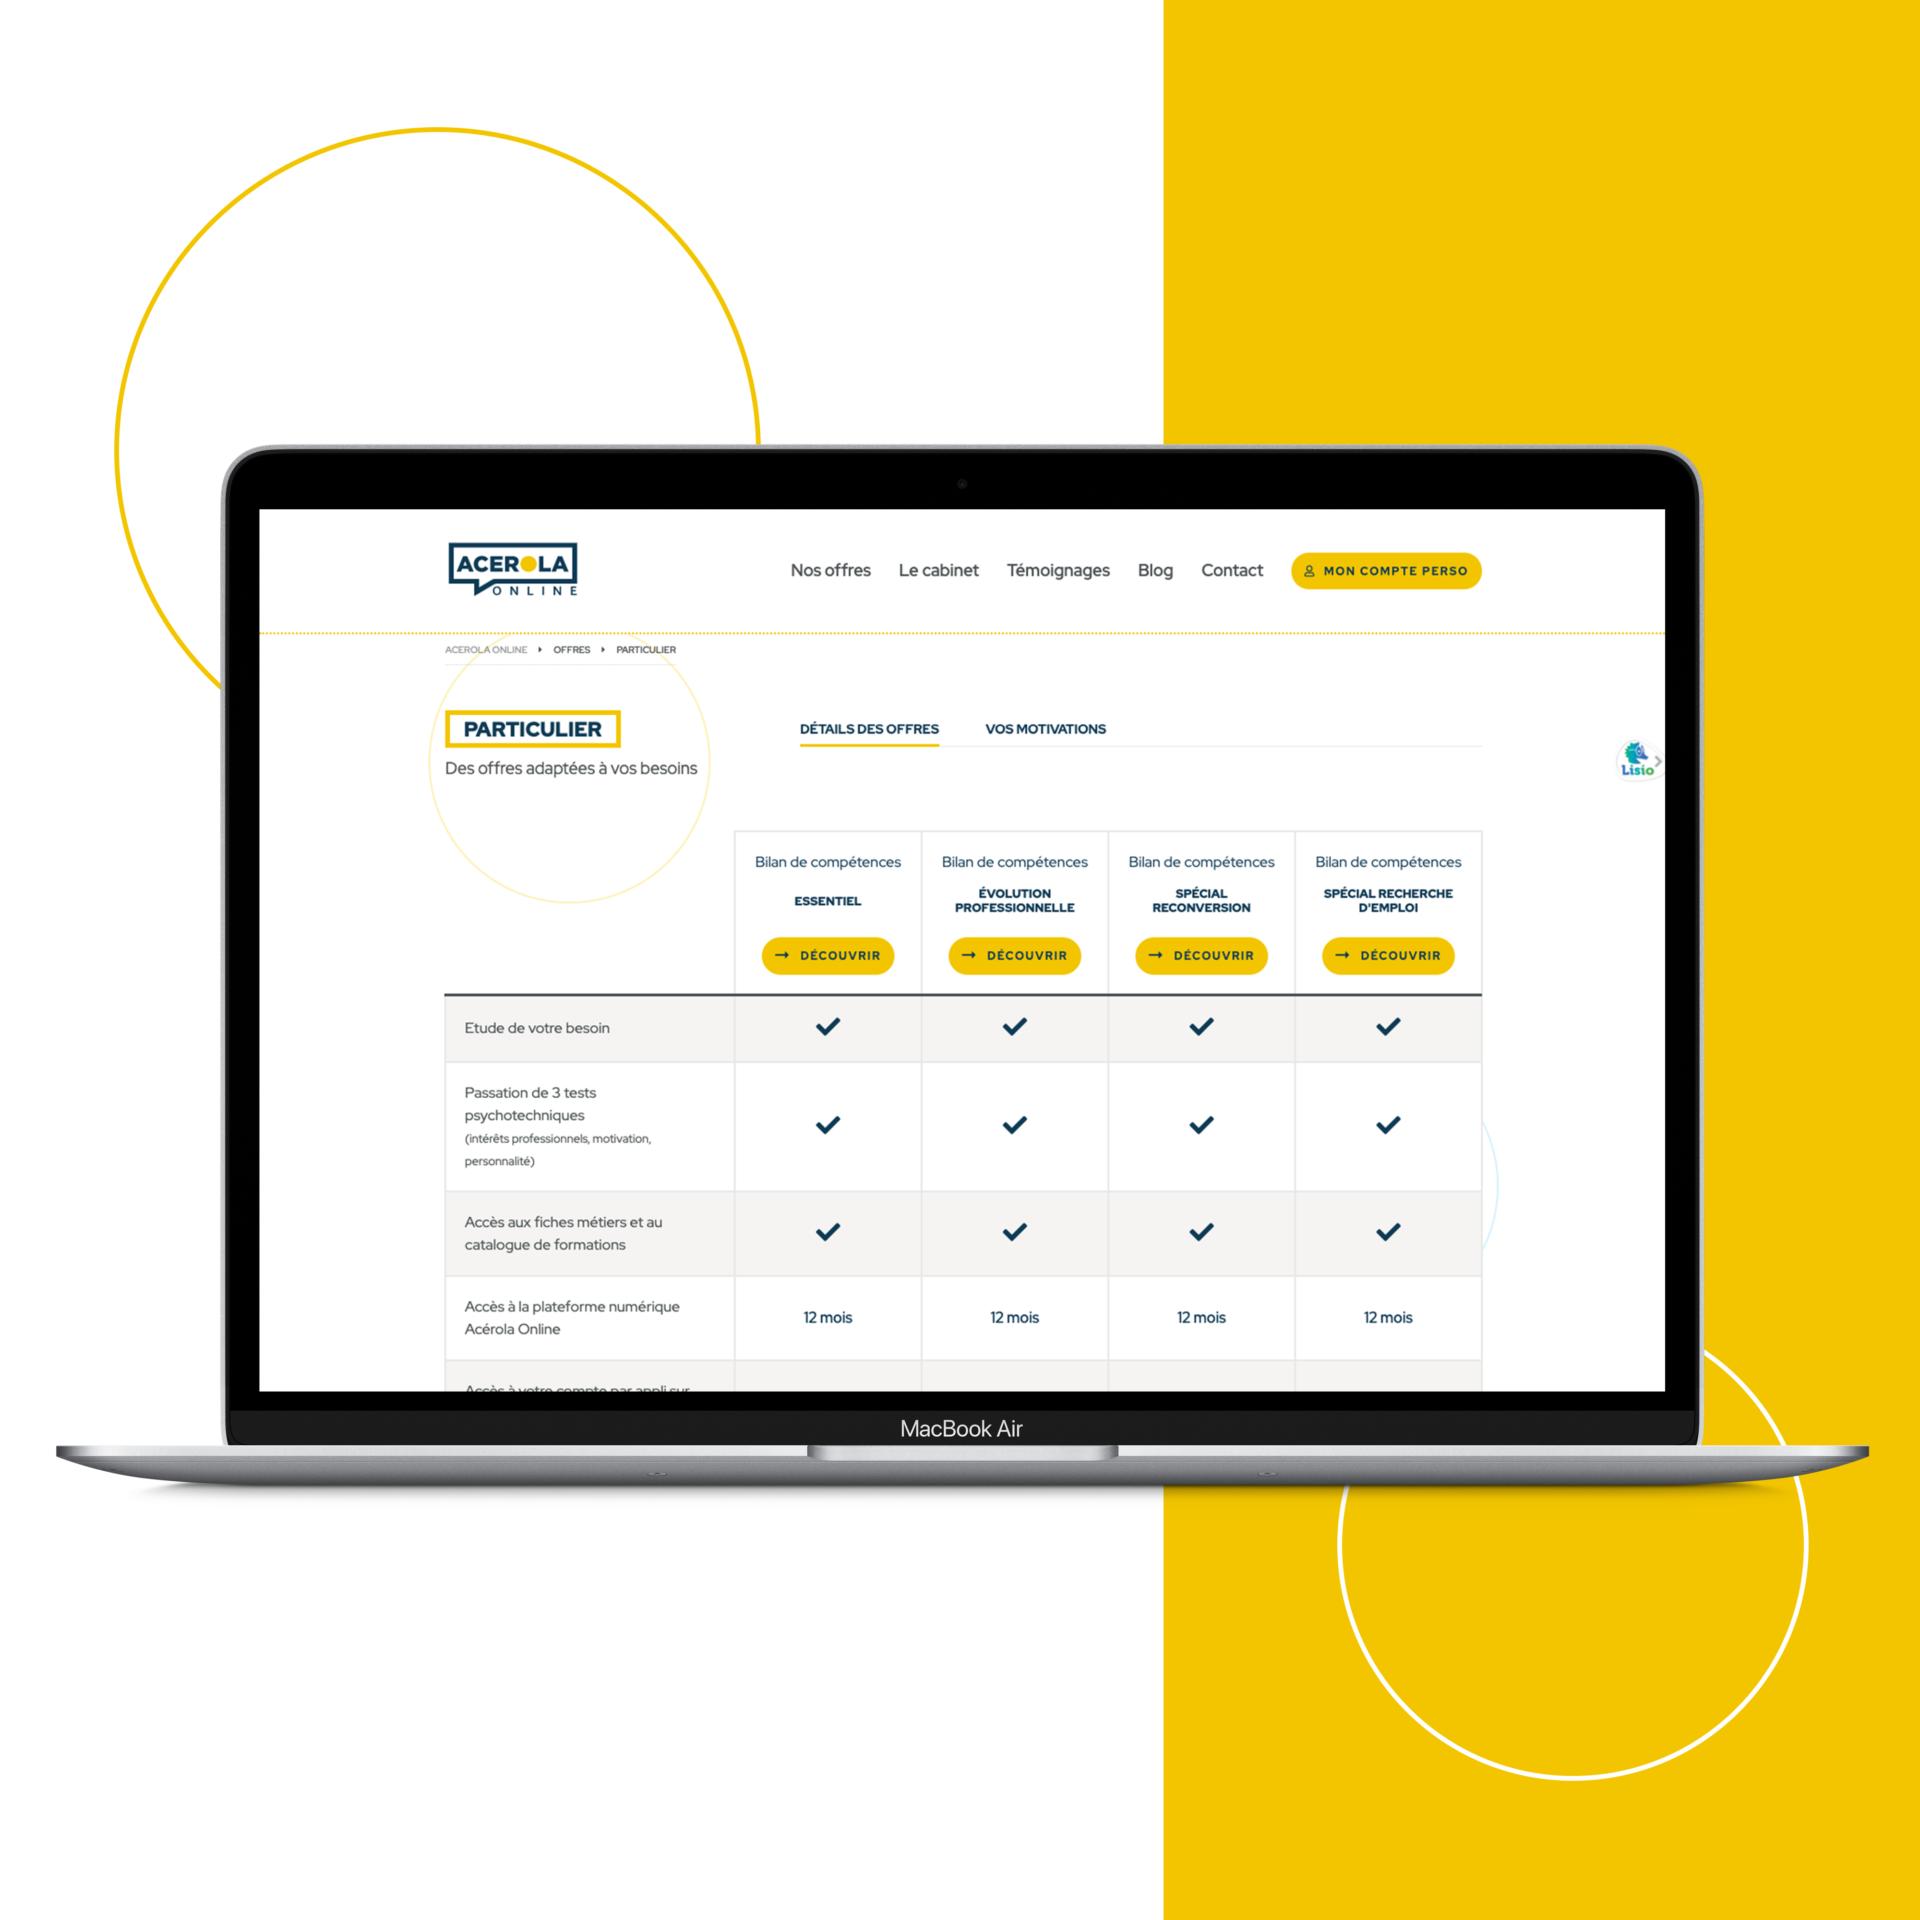 Site web Acerola Online offres particuliers